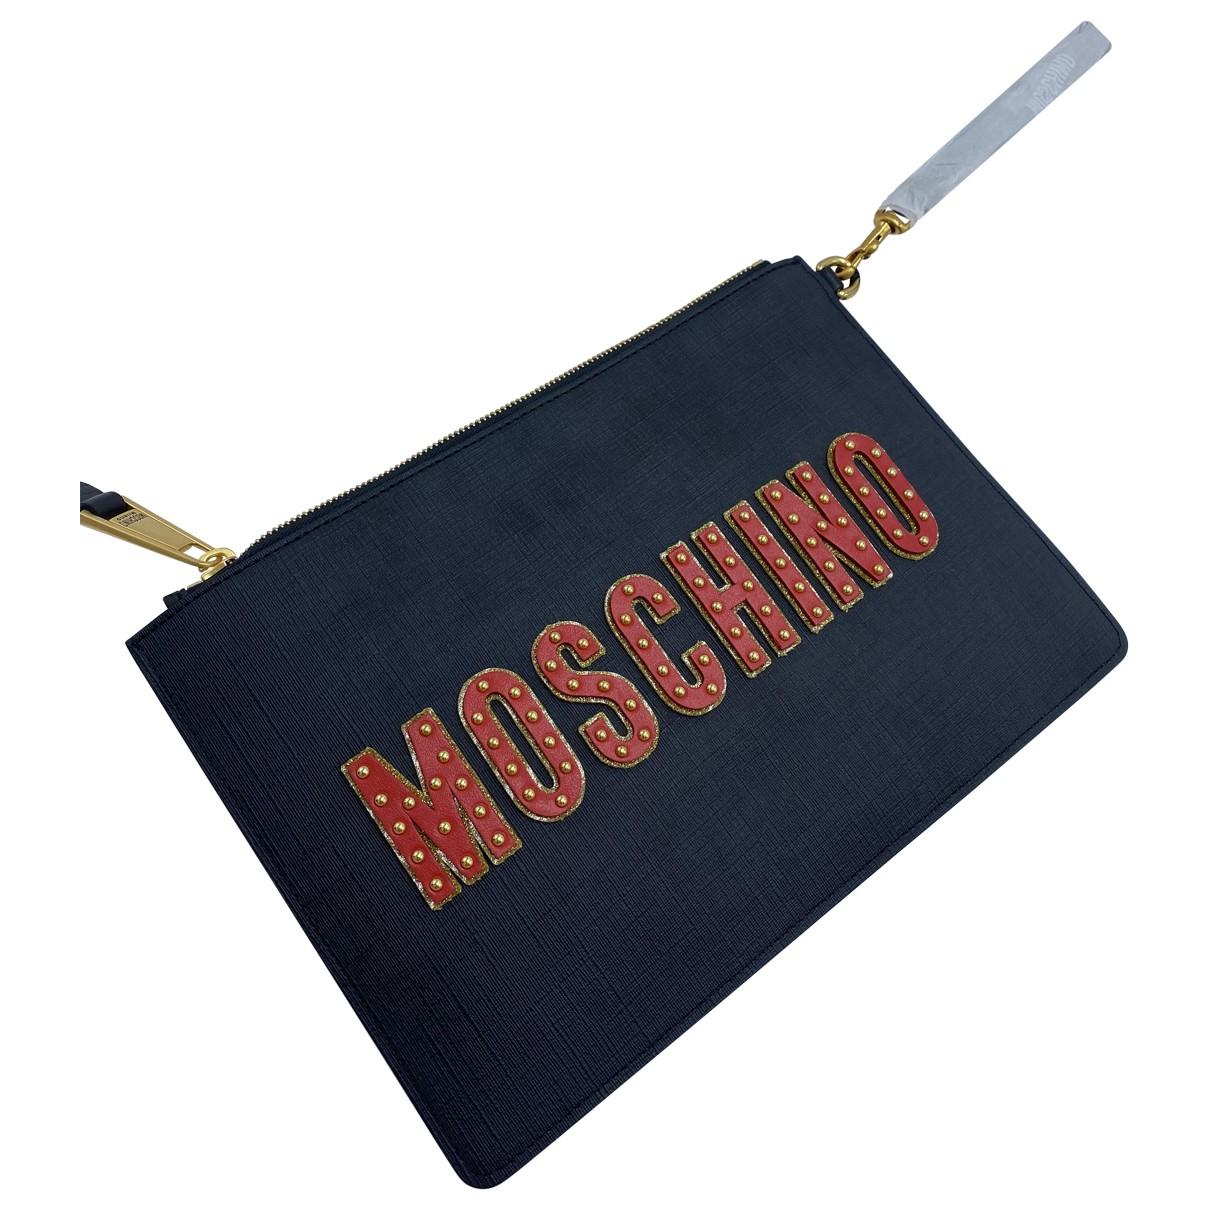 Moschino \N Clutch in  Schwarz Leinen